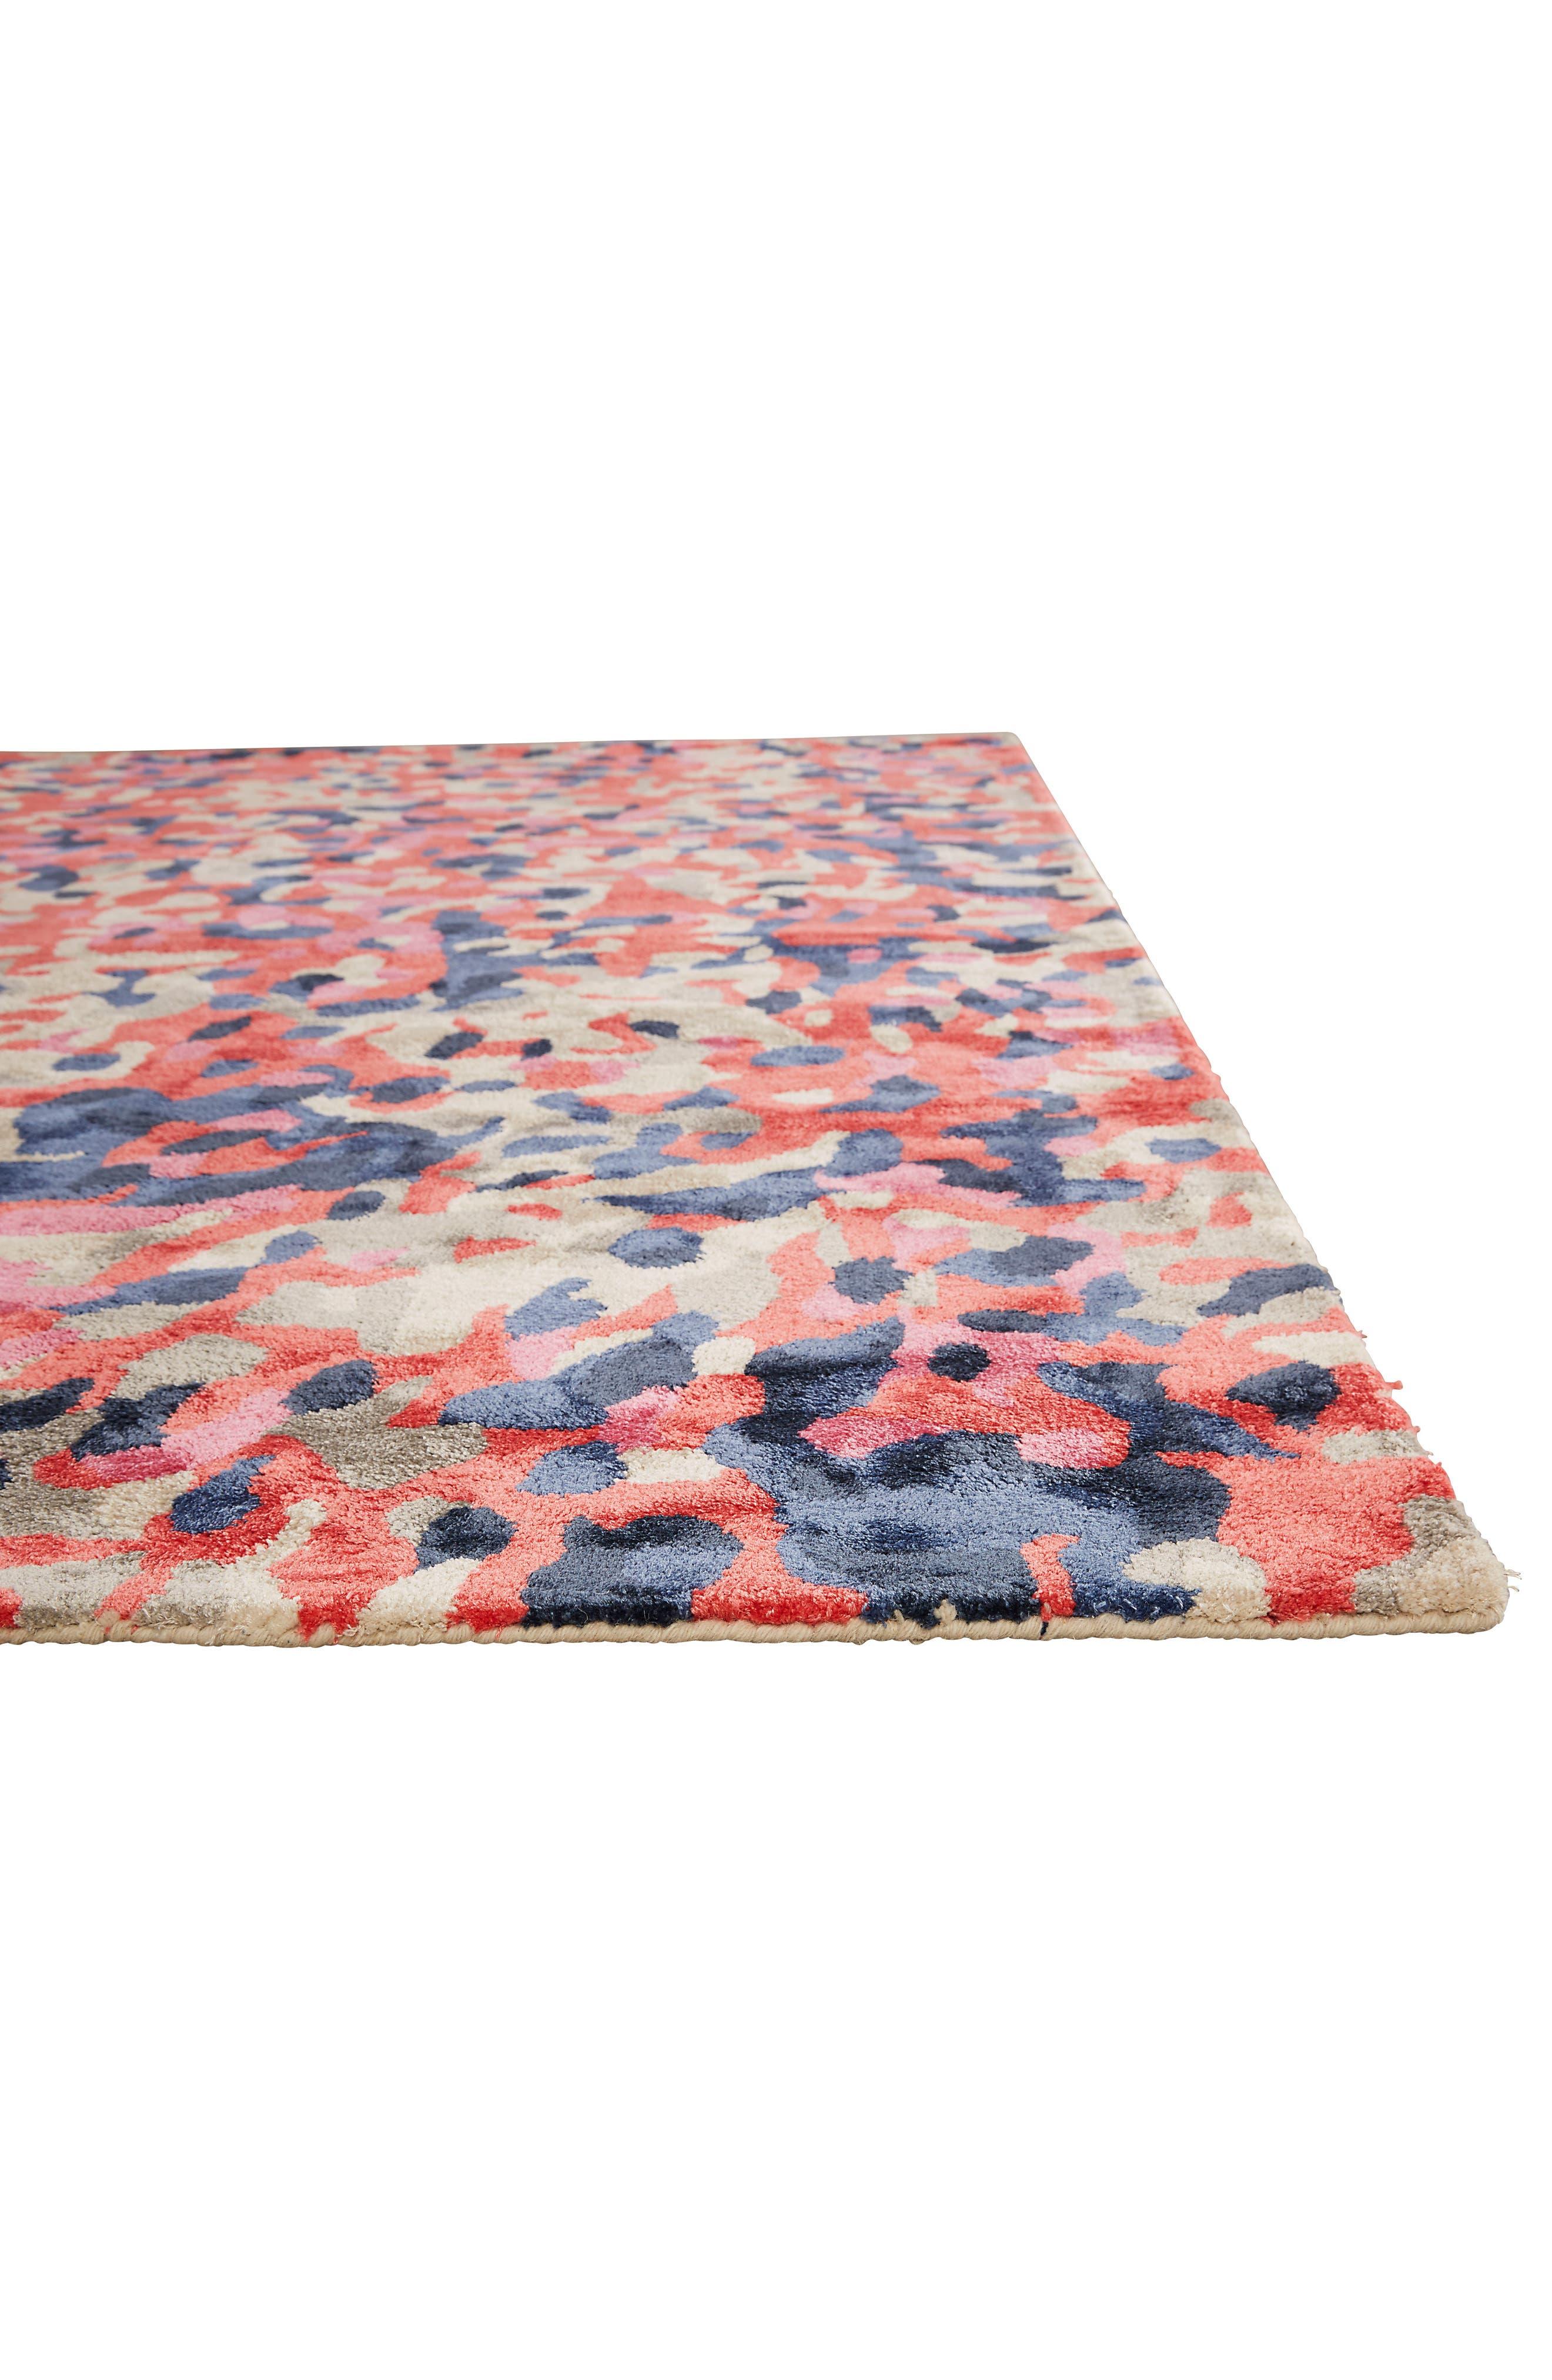 splatter paint rug,                             Alternate thumbnail 2, color,                             Pink/ Multi